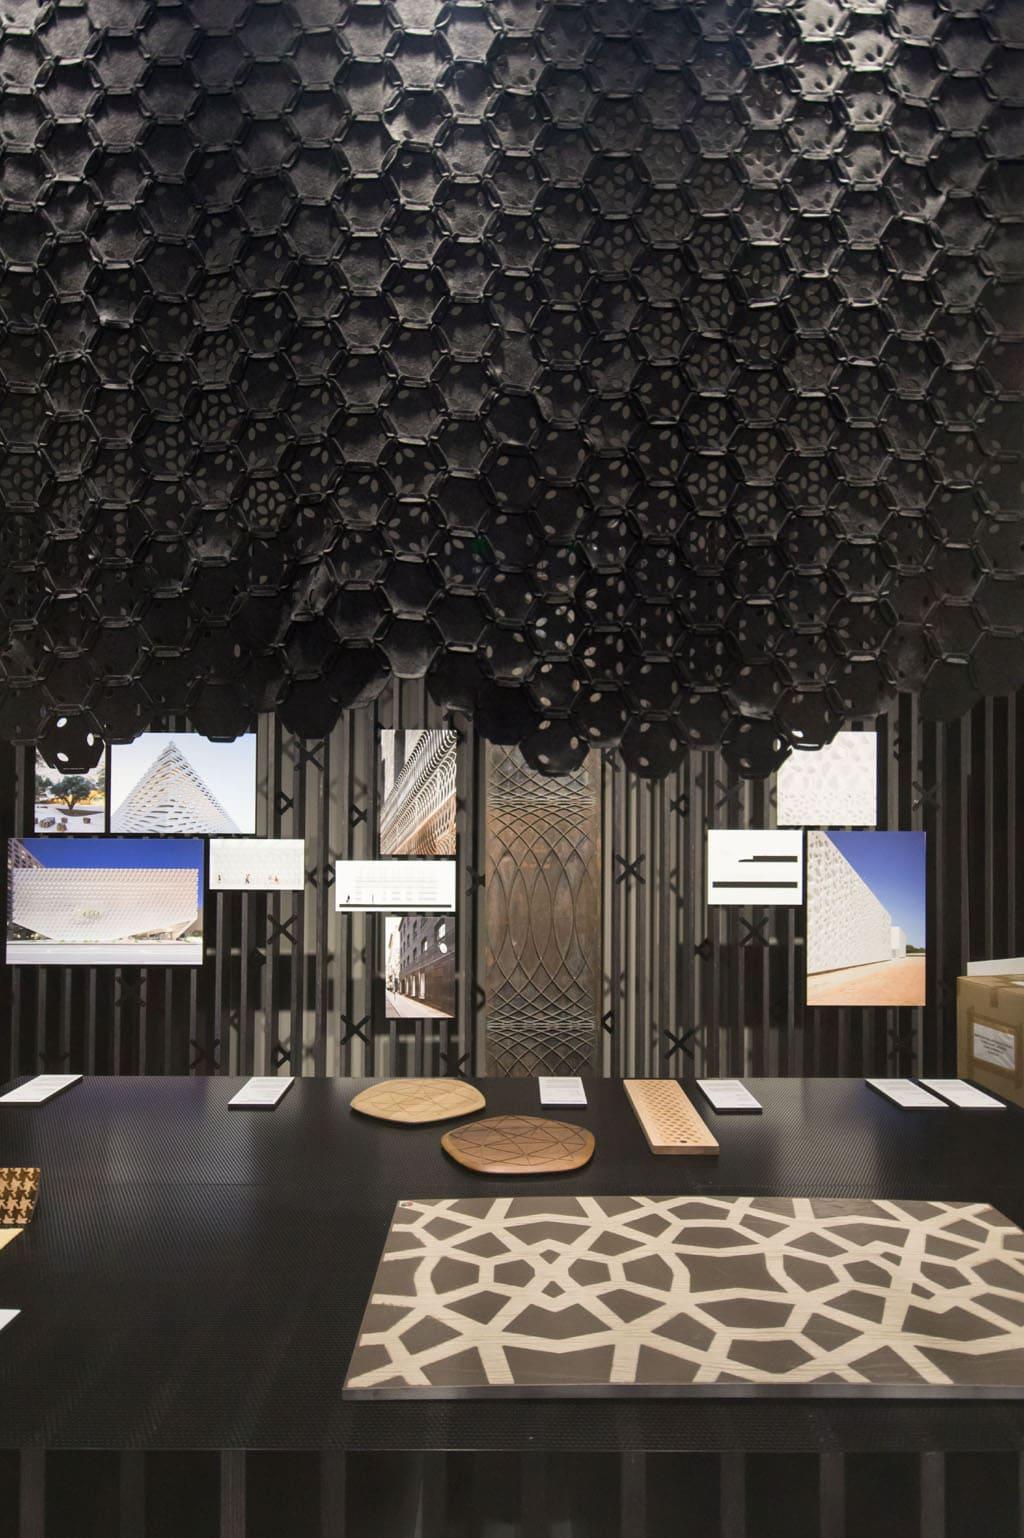 Sempering design architecture exhibition MUDEC Milan engraving 01 Inexhibit